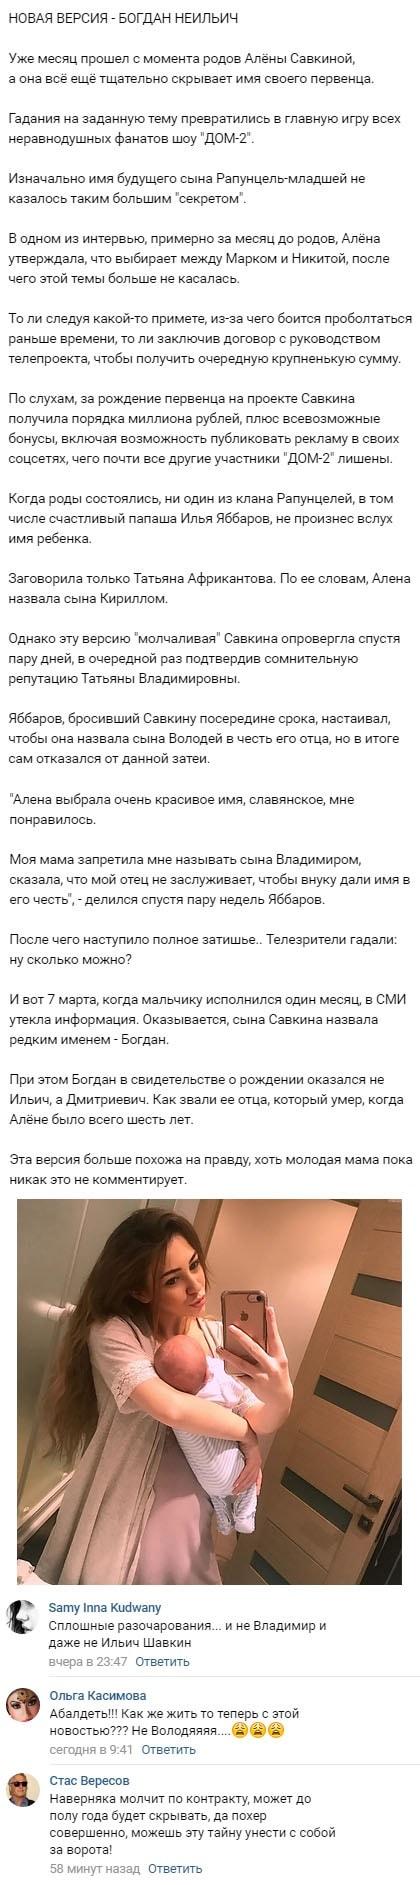 СМИ разоблачили имя ребёнка Алёны Савкиной